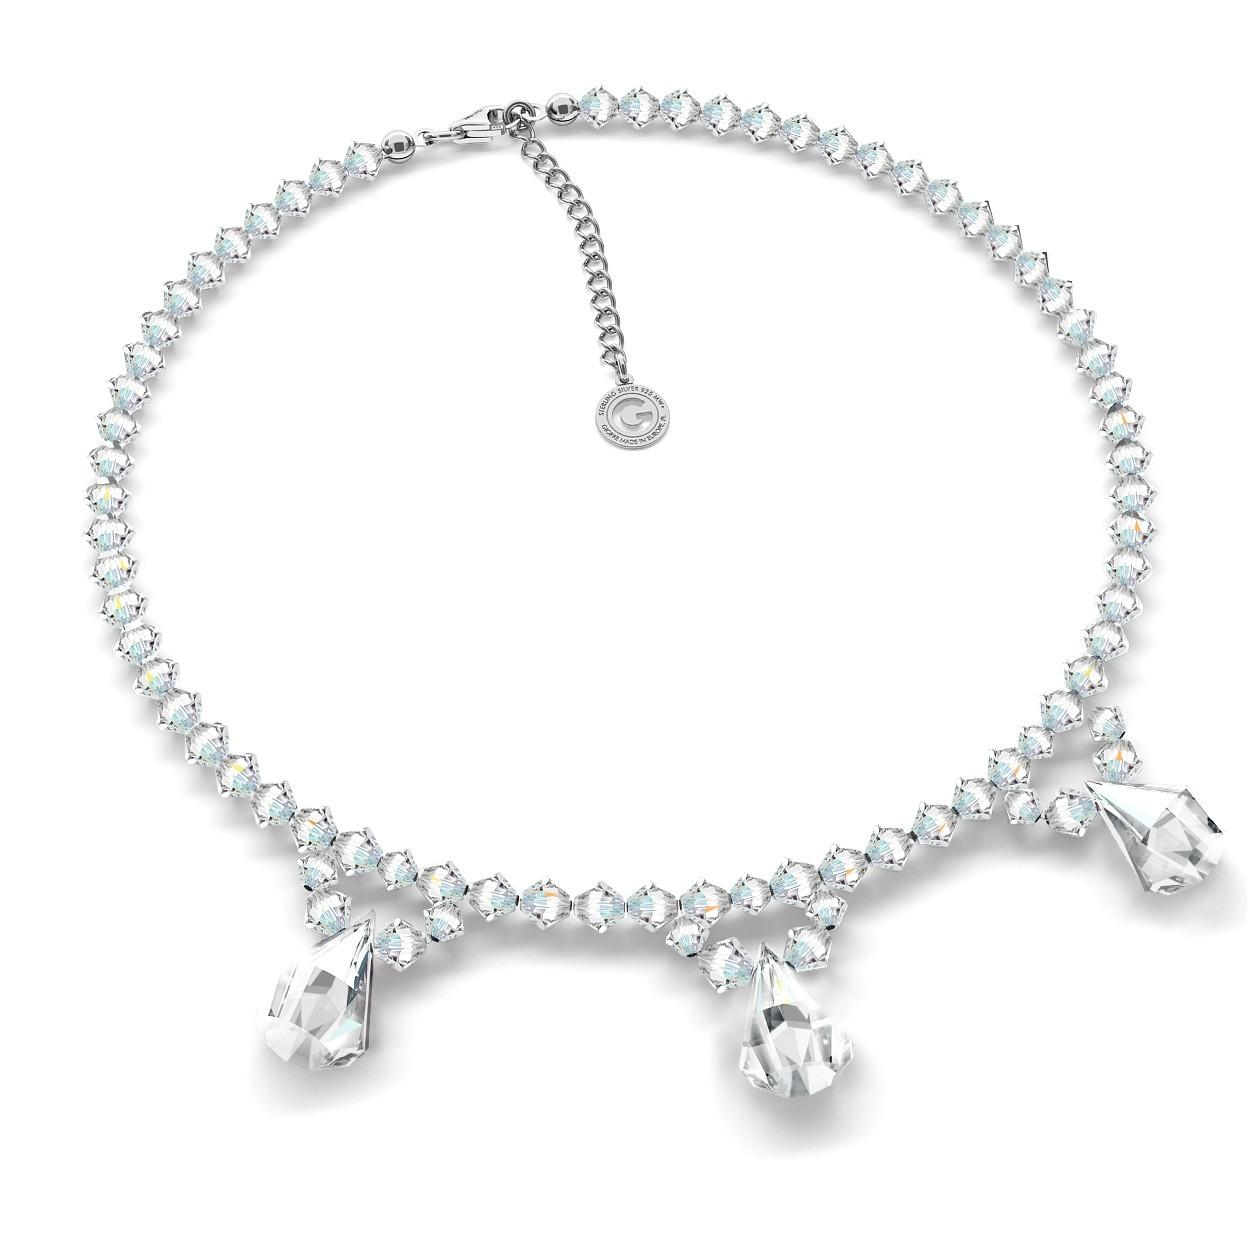 Halskette mit Swarovski Crystals, Hochzeitsschmuck - MODEL 1